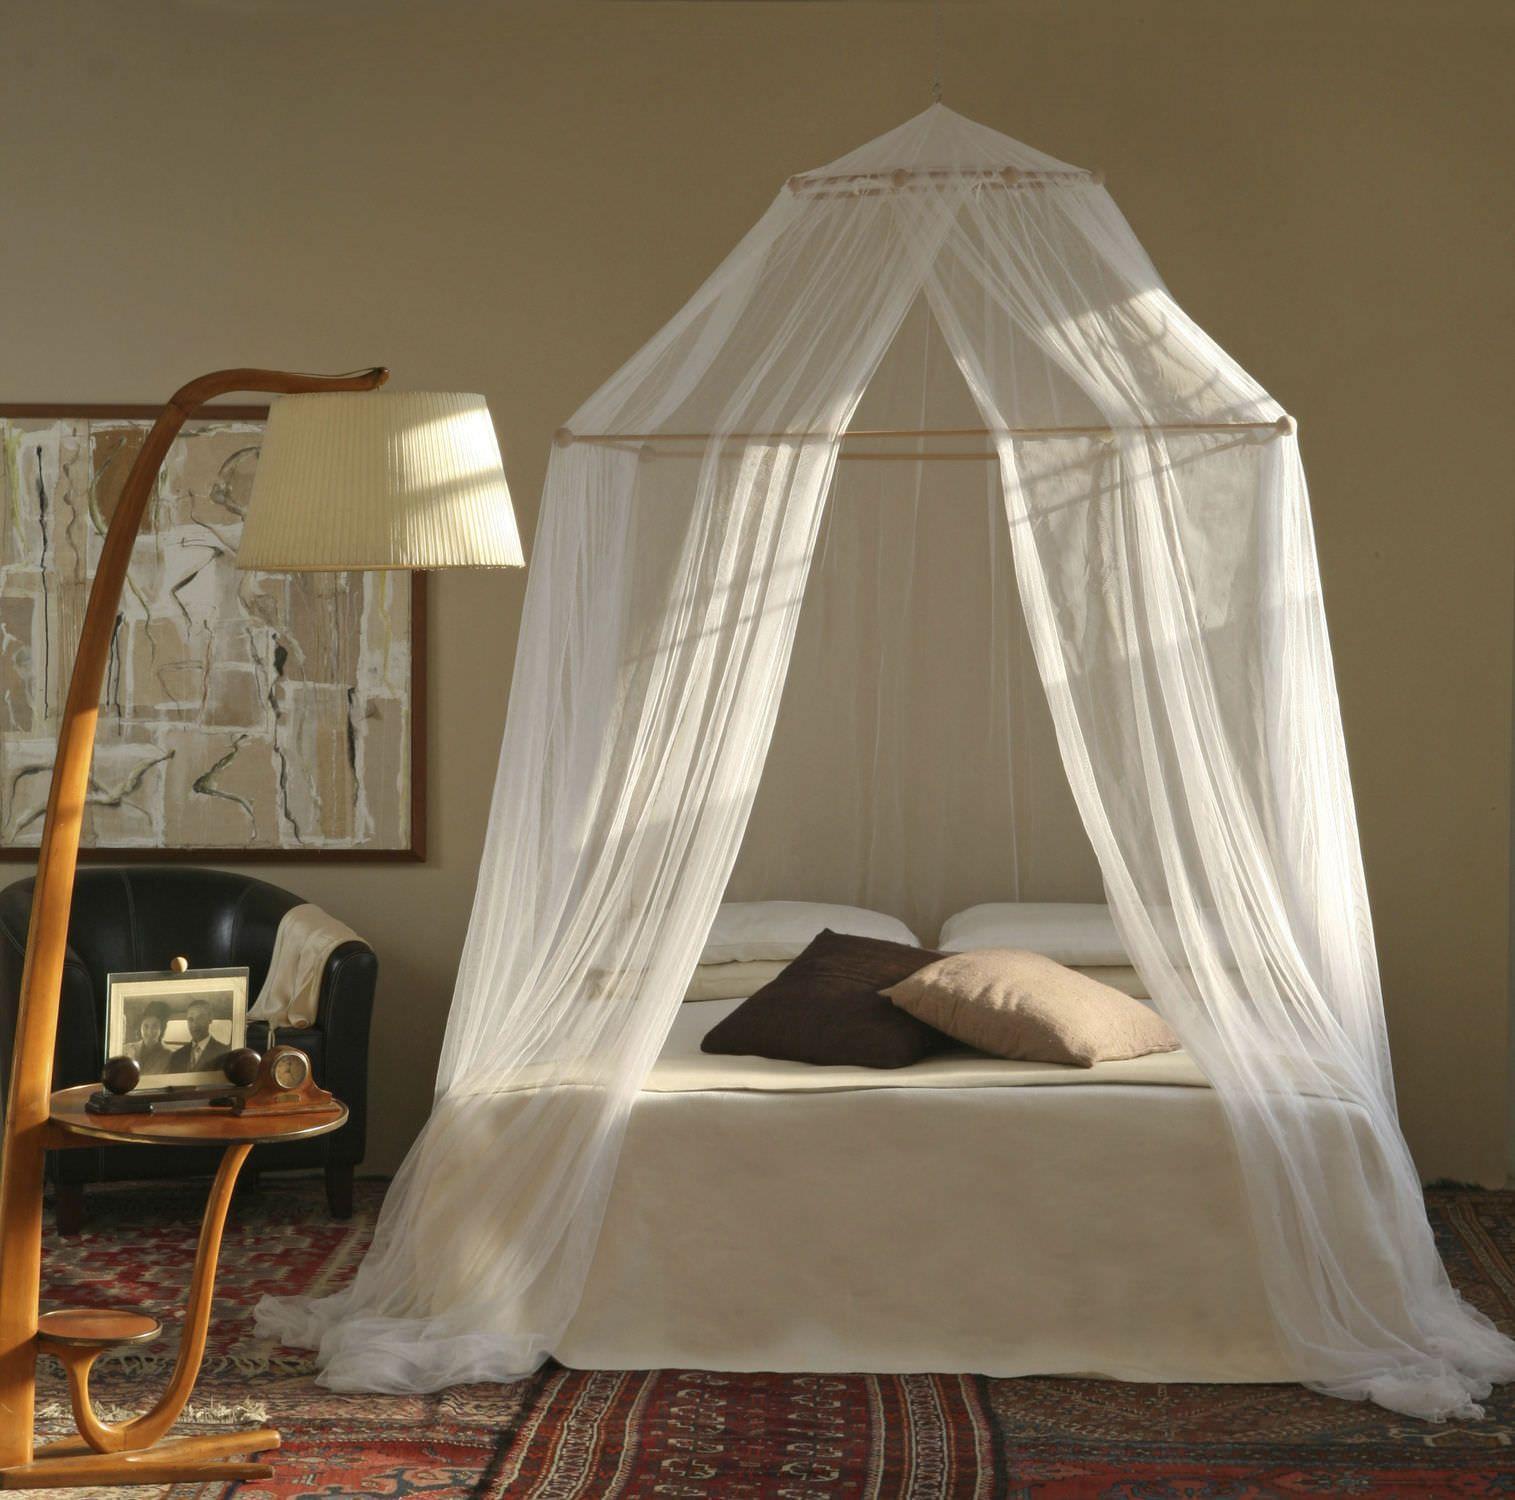 moustiquaire pour lit d'adulte - tina - grigolite | master bedroom